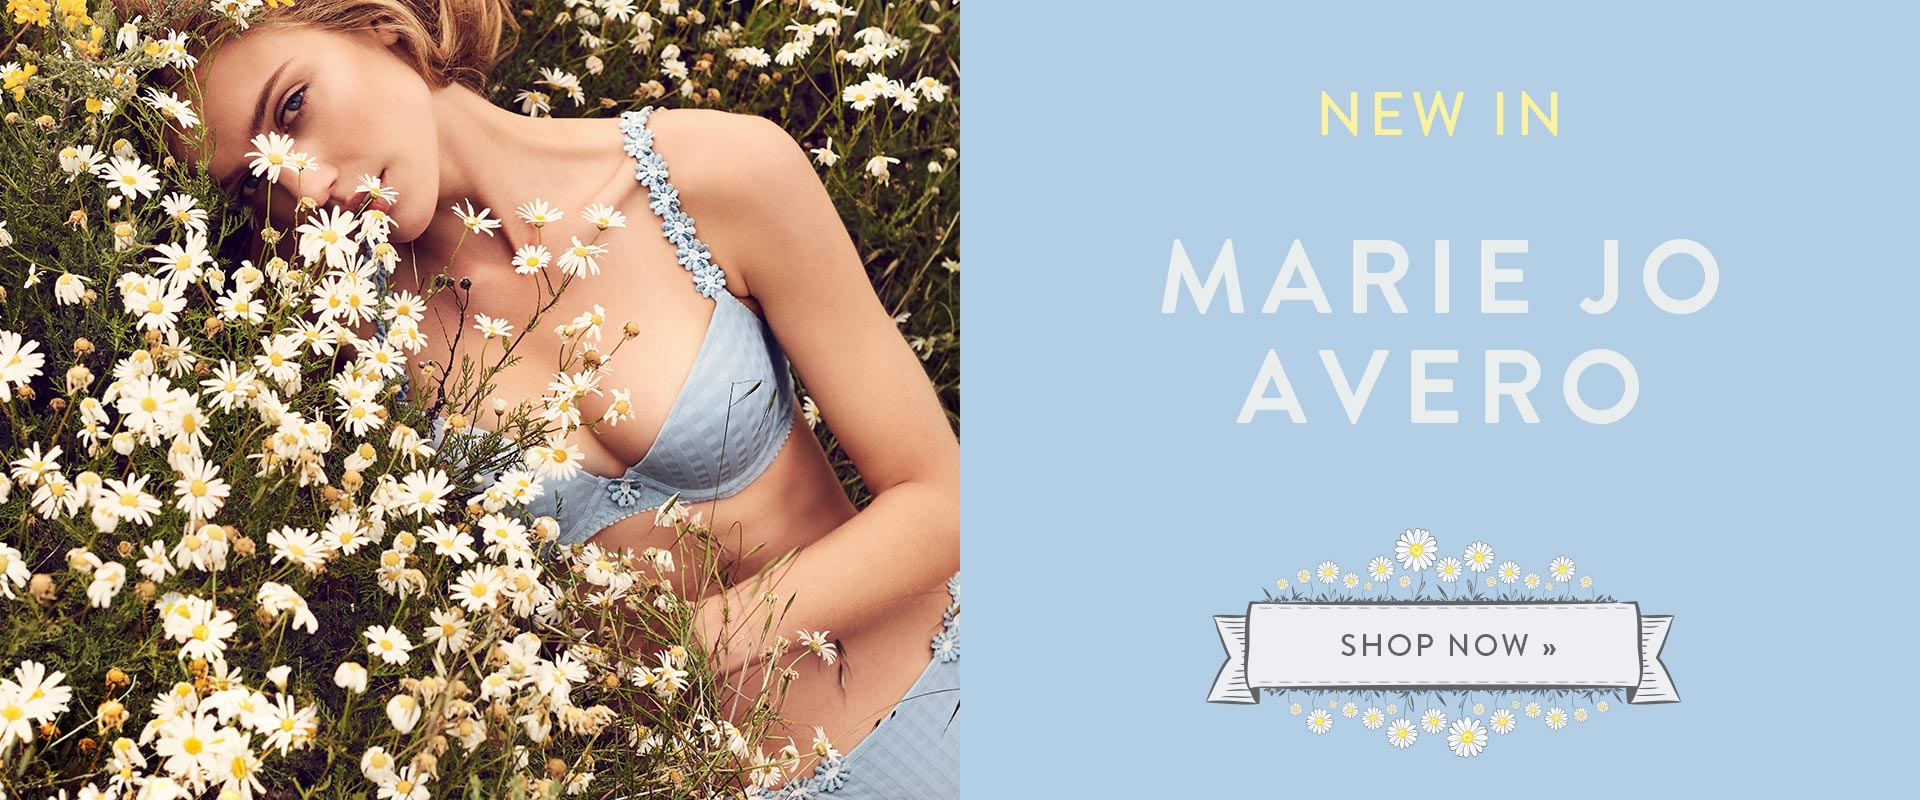 New In - Marie Jo Avero - Shop Now